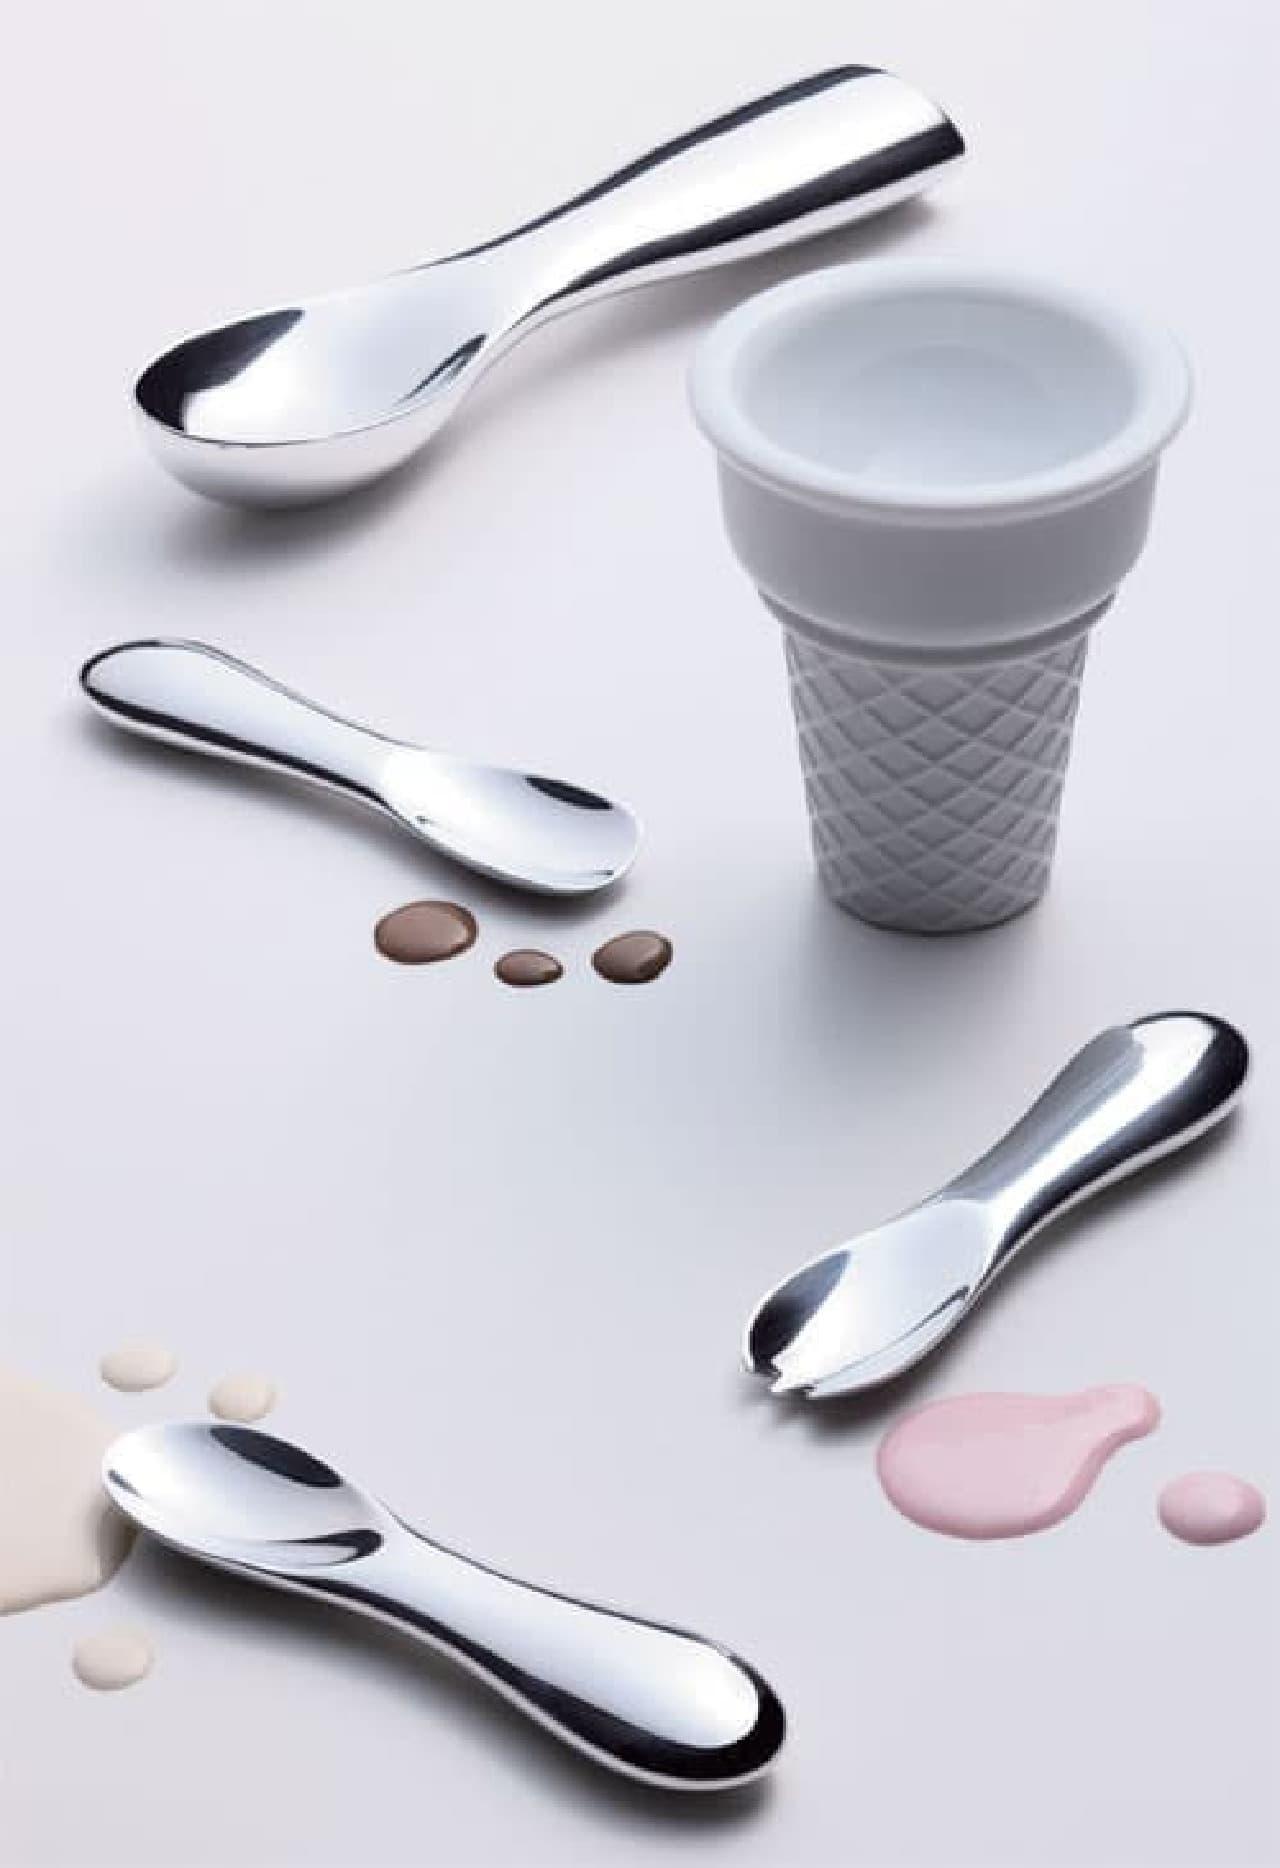 アイスクリームカップだけは、すぐに買えるみたいです